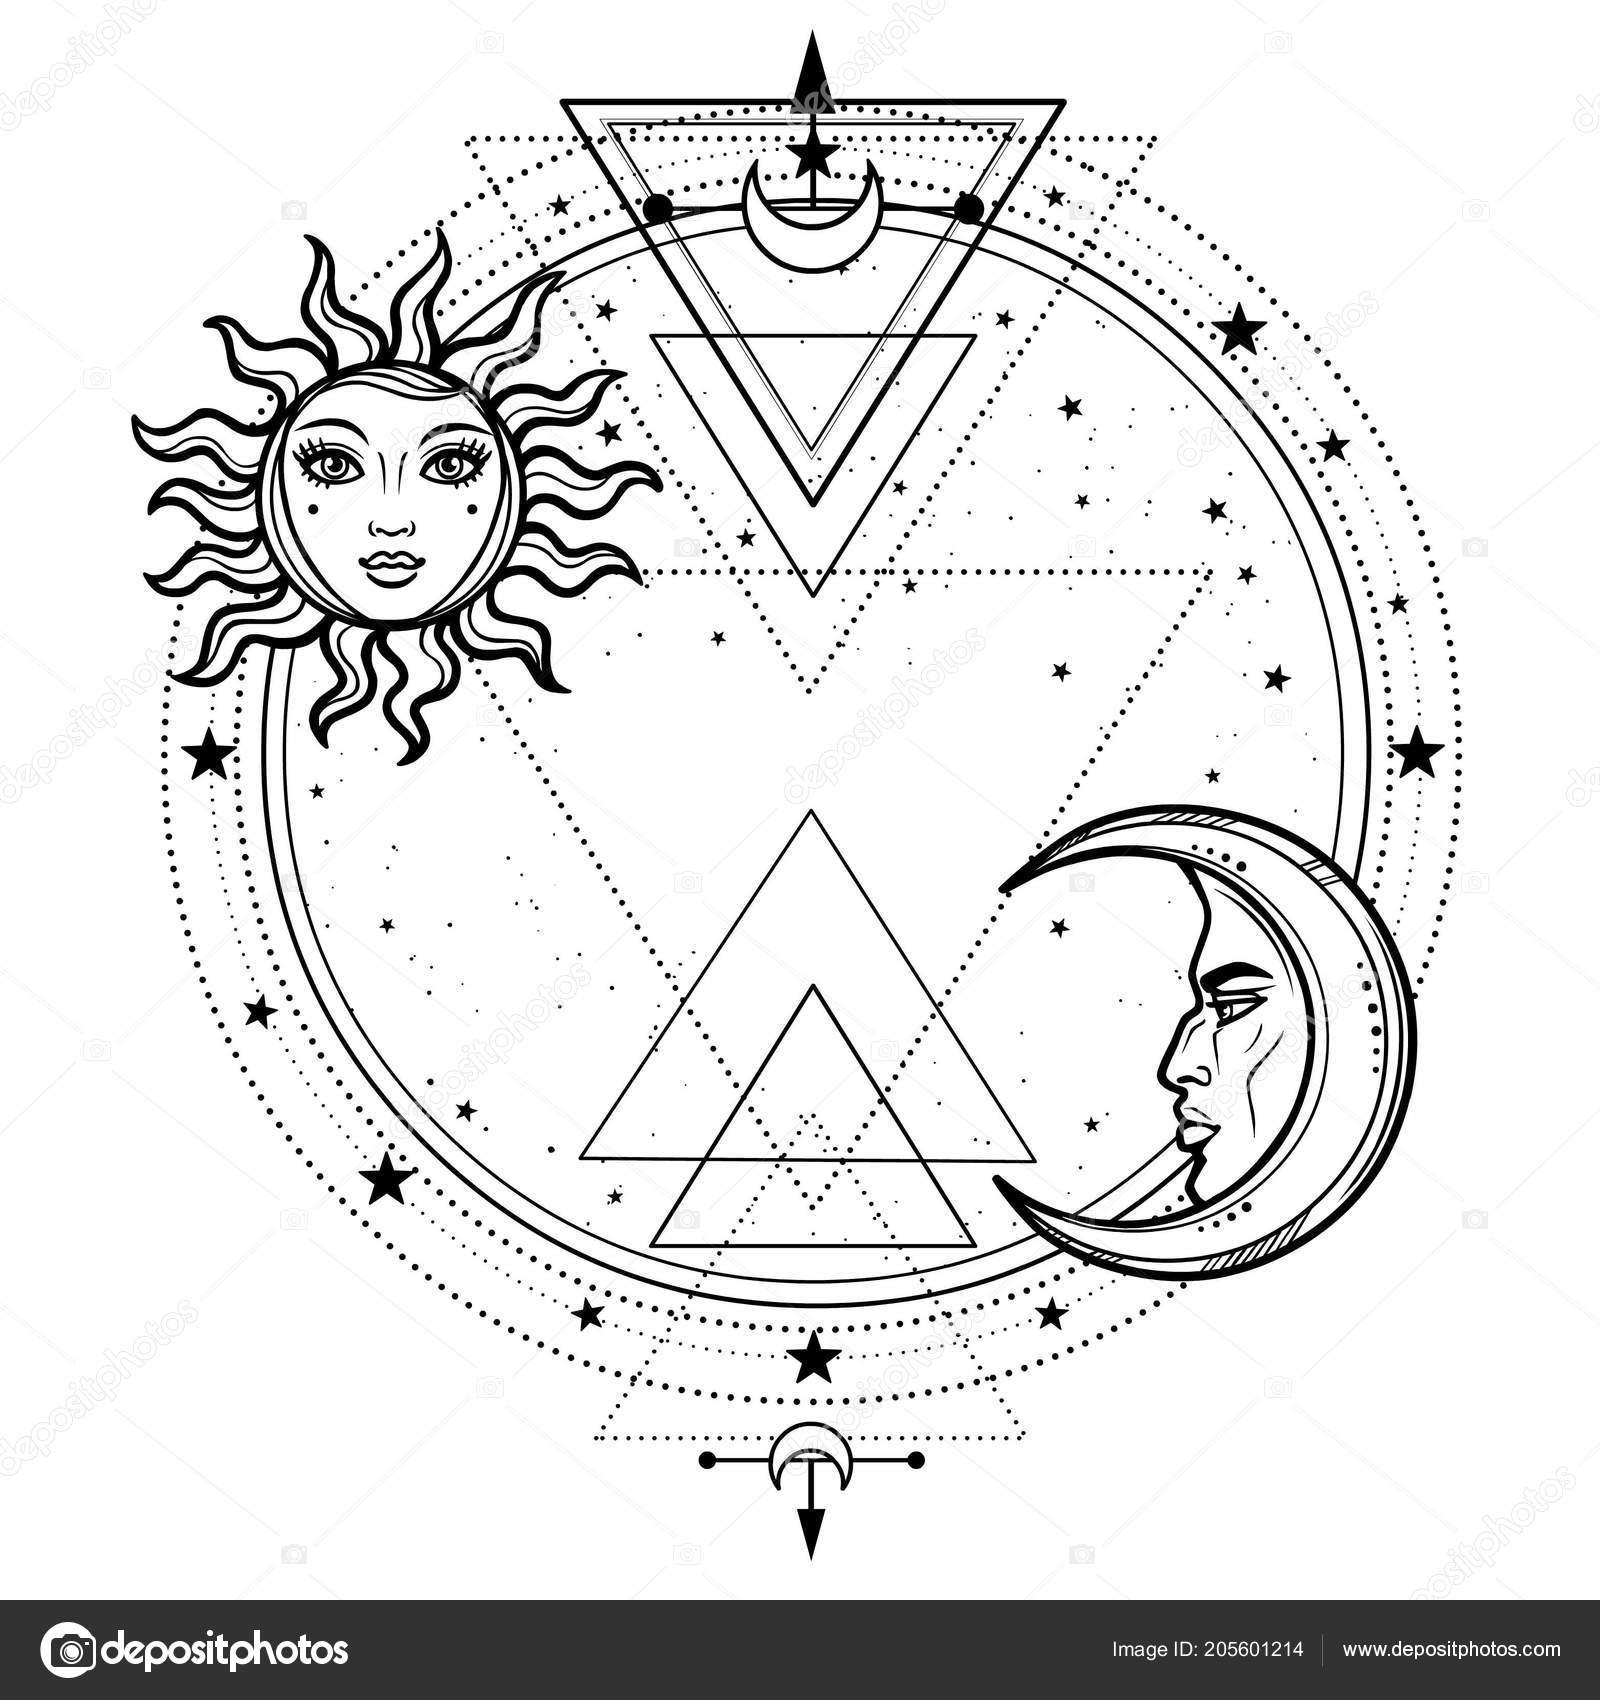 Dessin mystique soleil lune avec des visages humains cercle toile image vectorielle roomyana - Dessin de lune et soleil ...